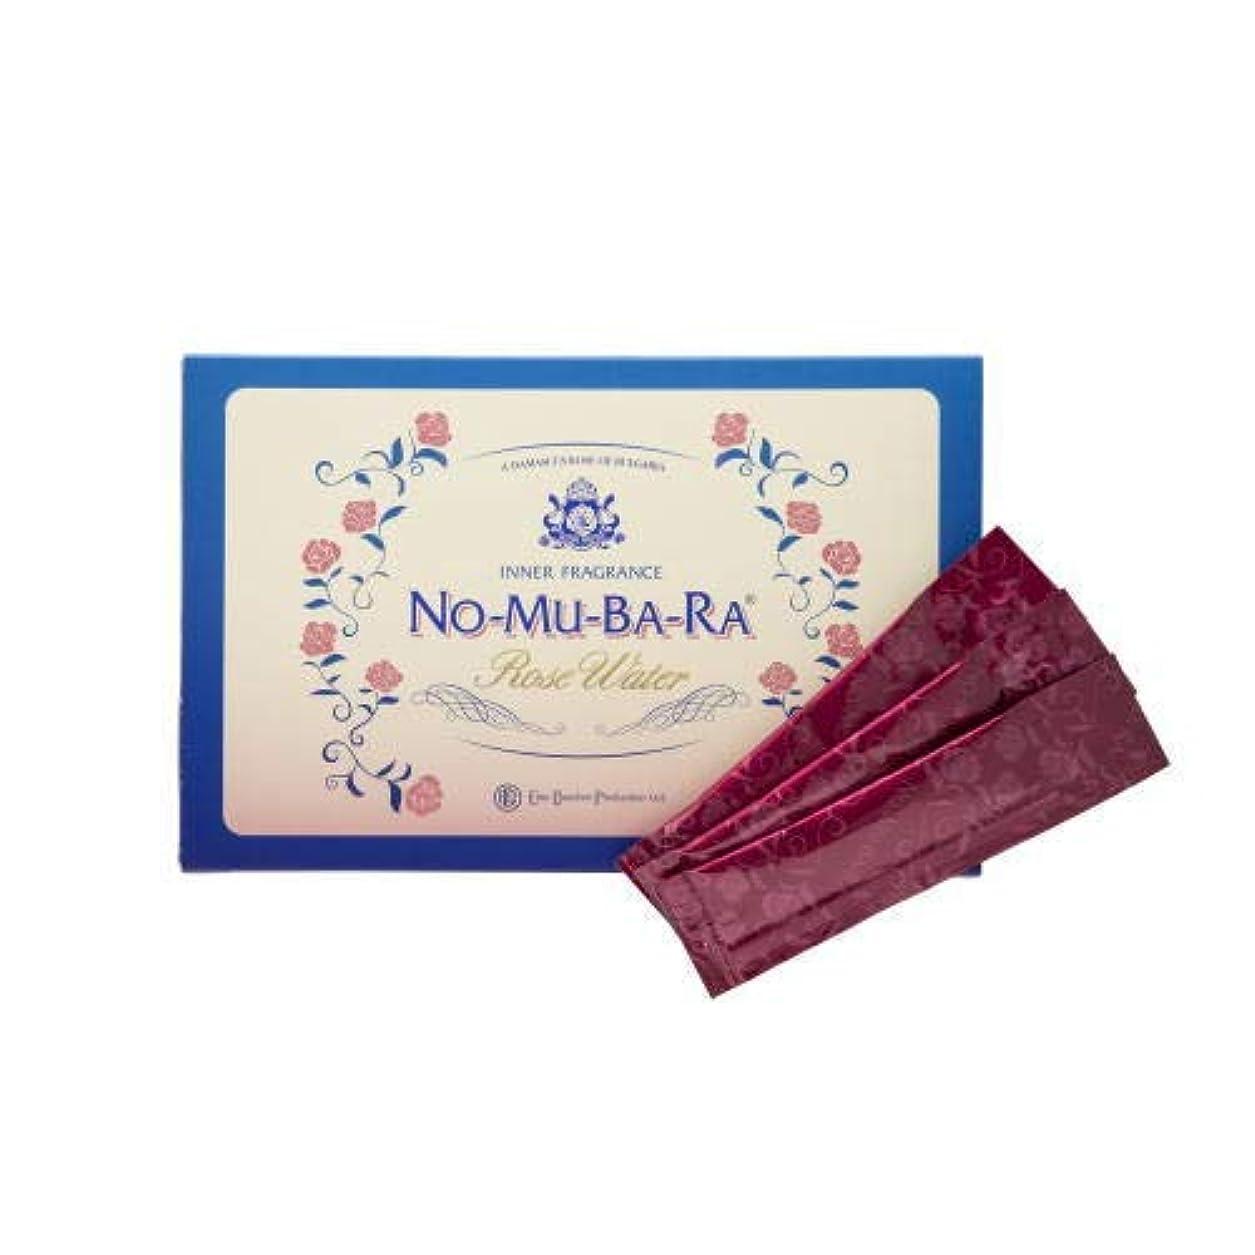 代数的感情おなじみのNO-MU-BA-RA NO-MU-BA-RA(ノムバラ)(35包入)×2箱【モンドセレクション受賞】